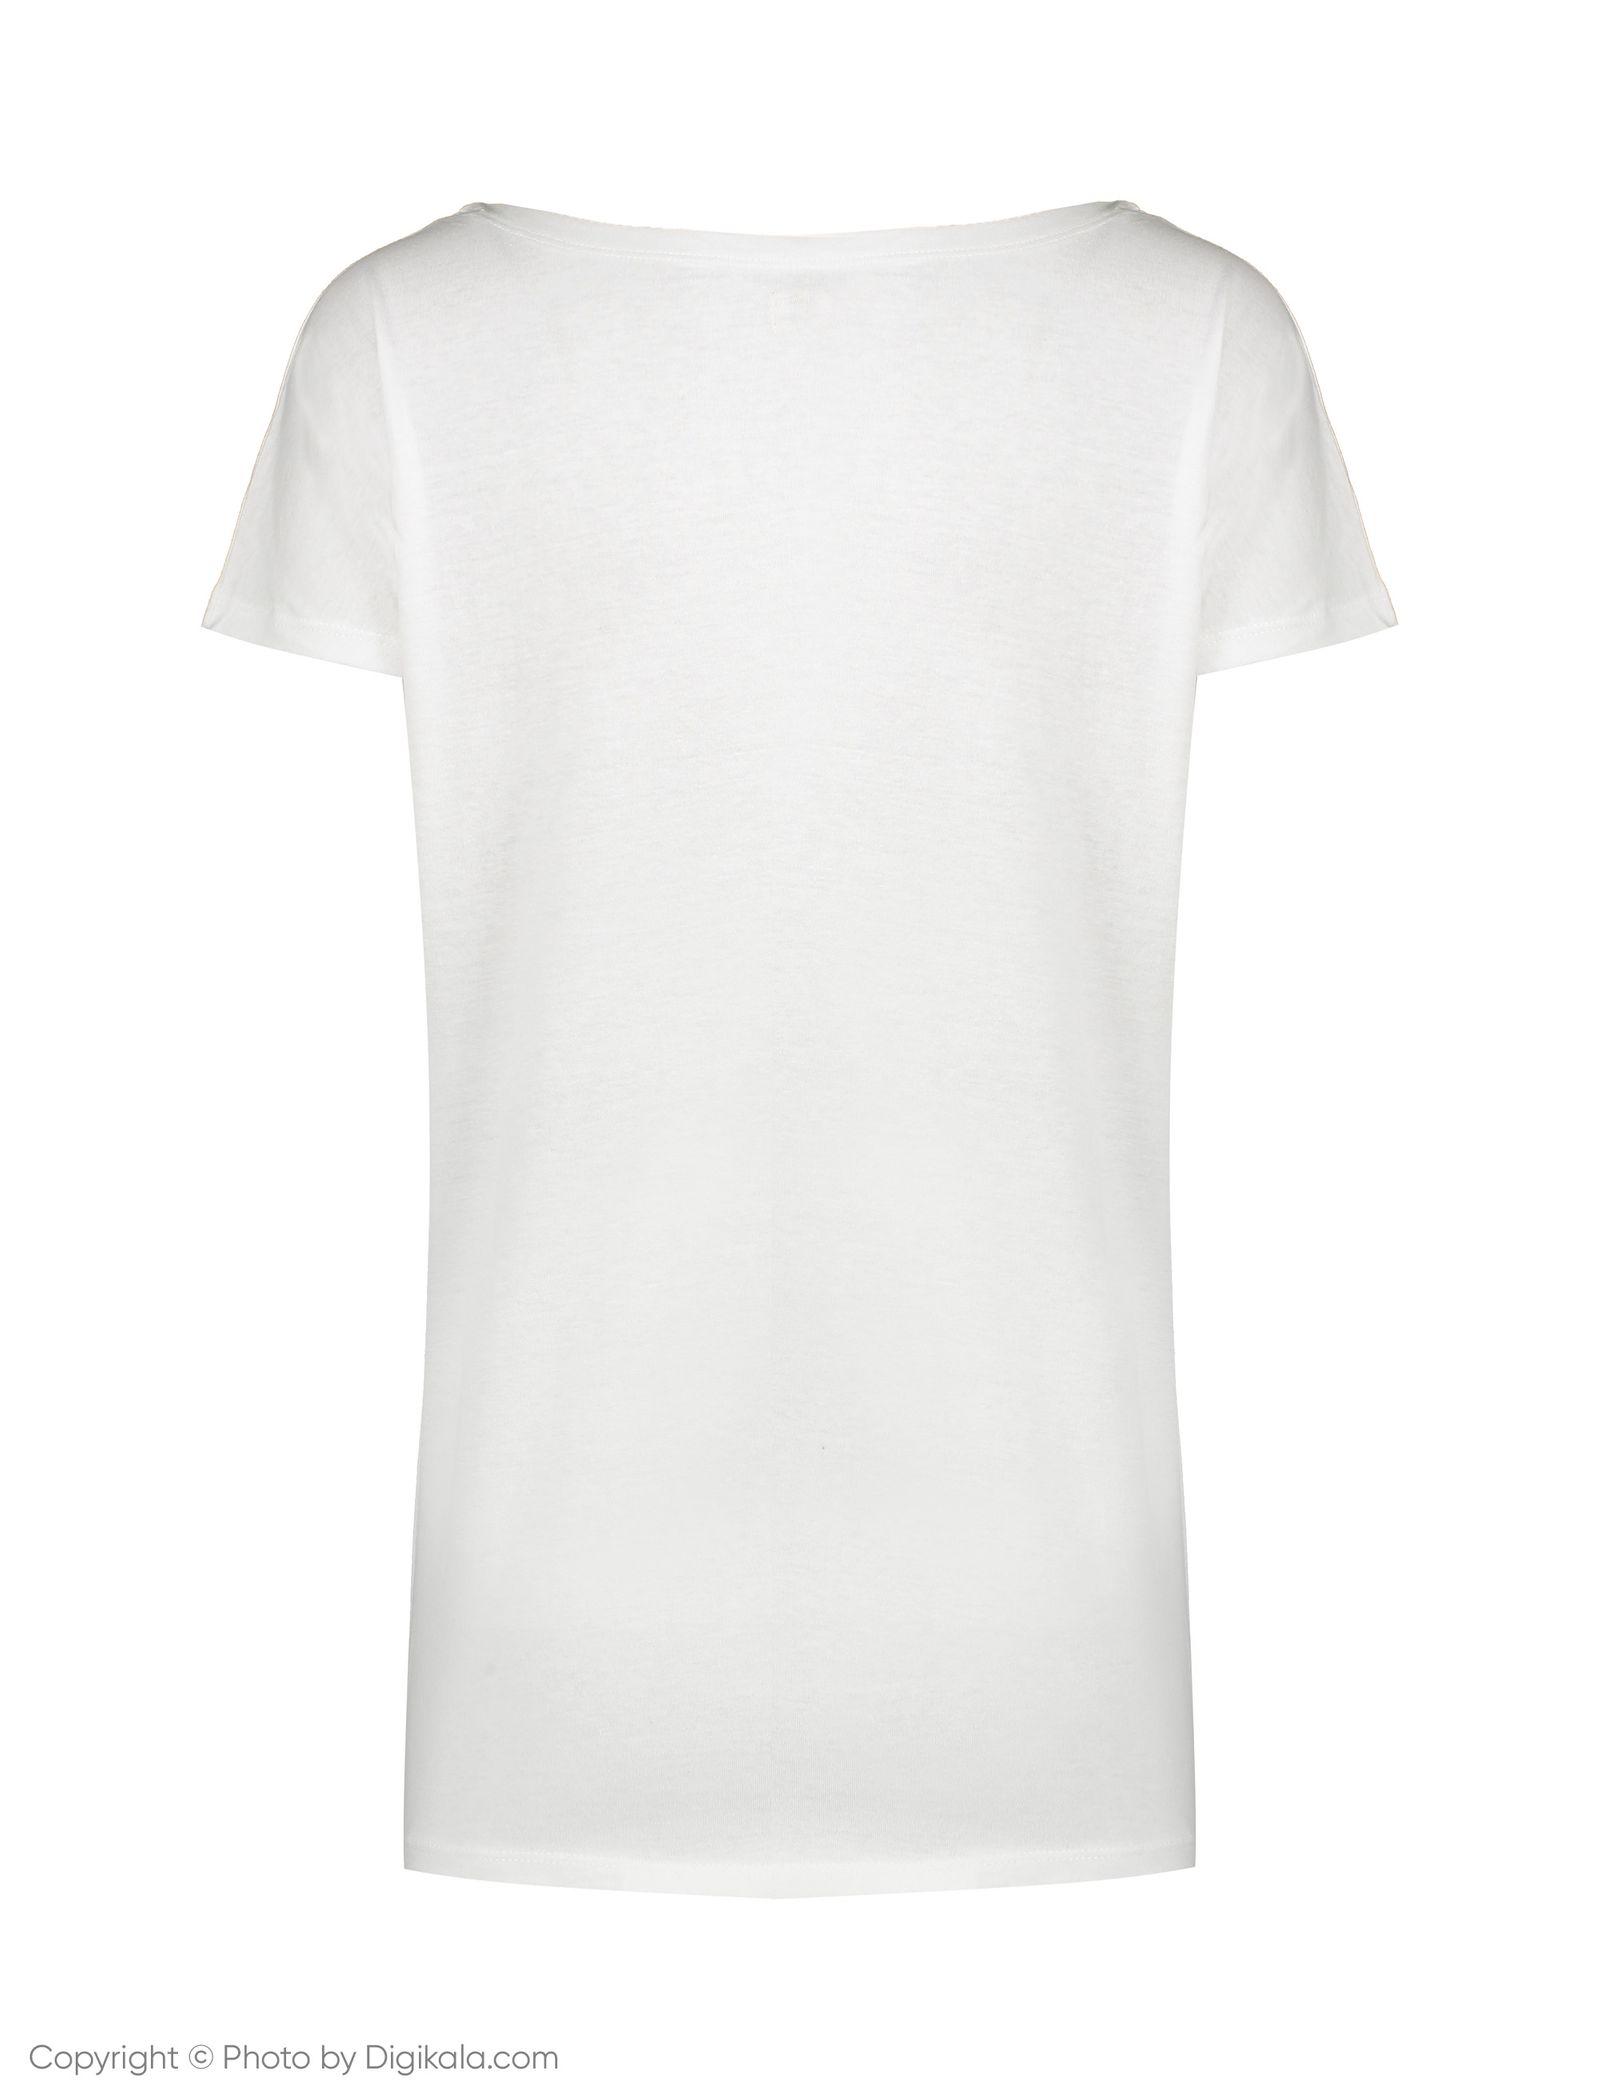 تی شرت زنانه یوپیم مدل 5137387 -  - 3